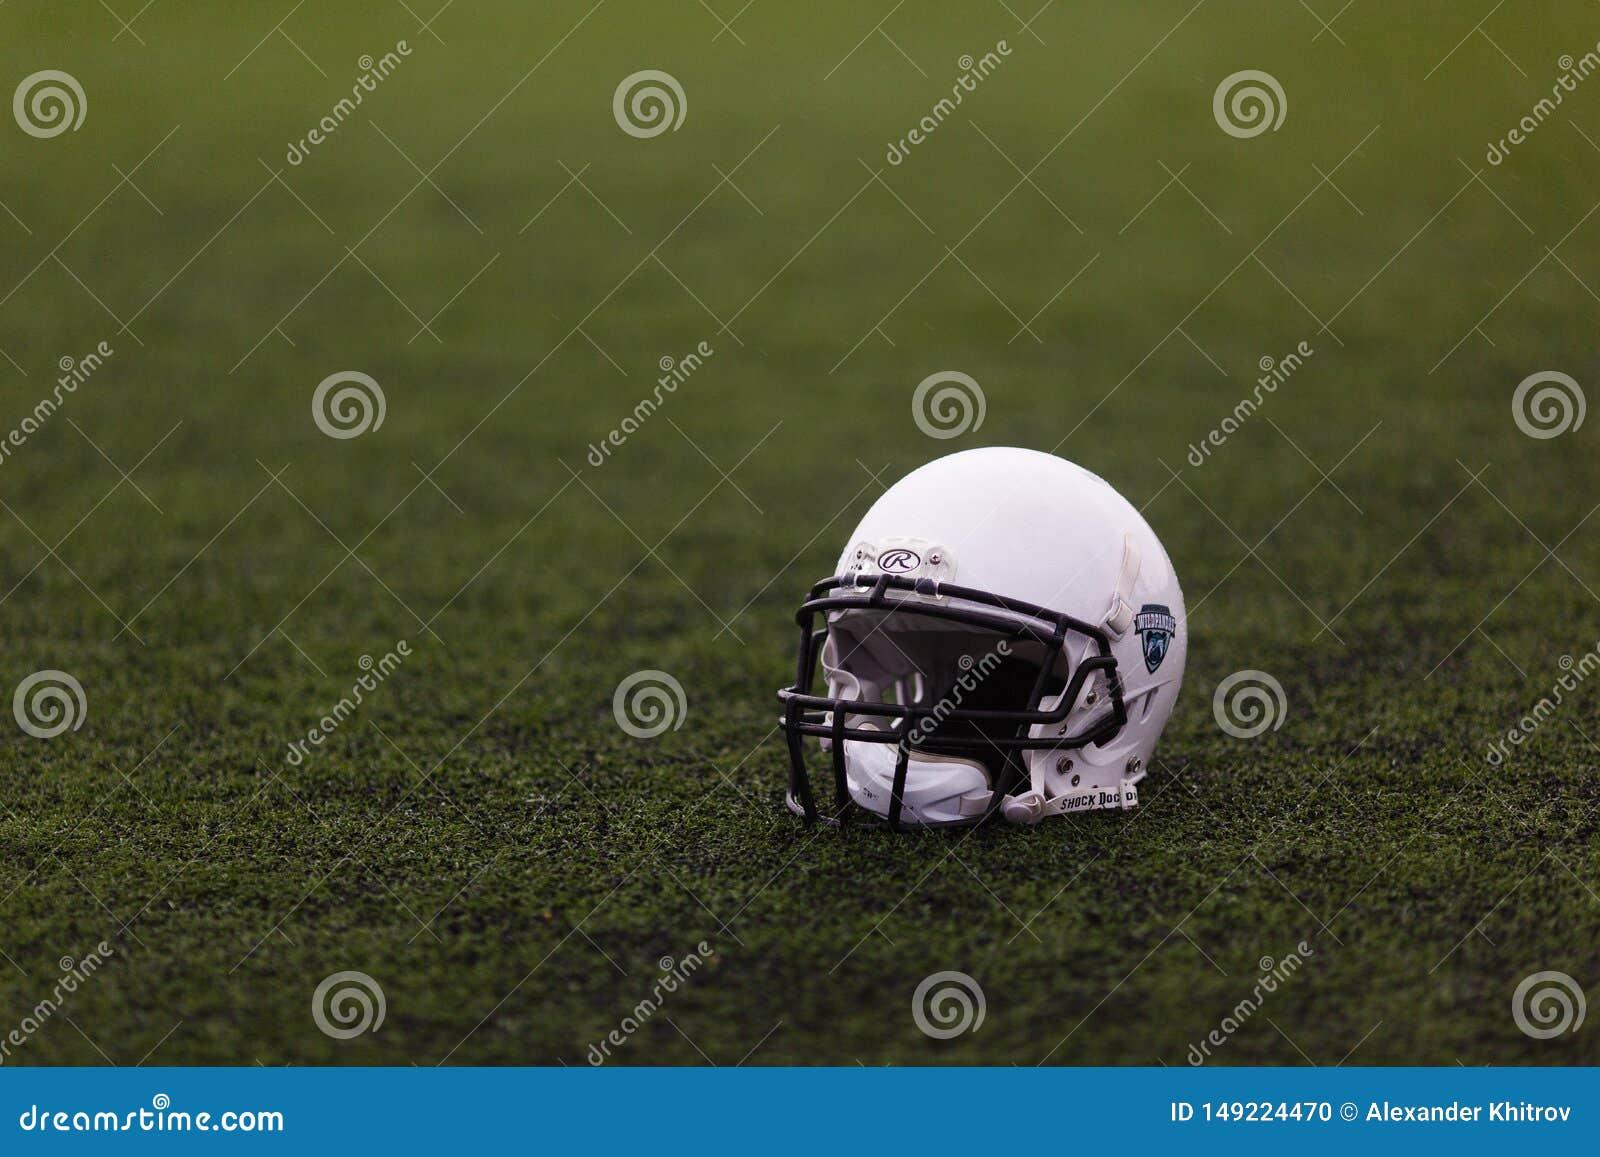 美式足球橄榄球比赛的防护白色盔甲在运动场的绿草说谎